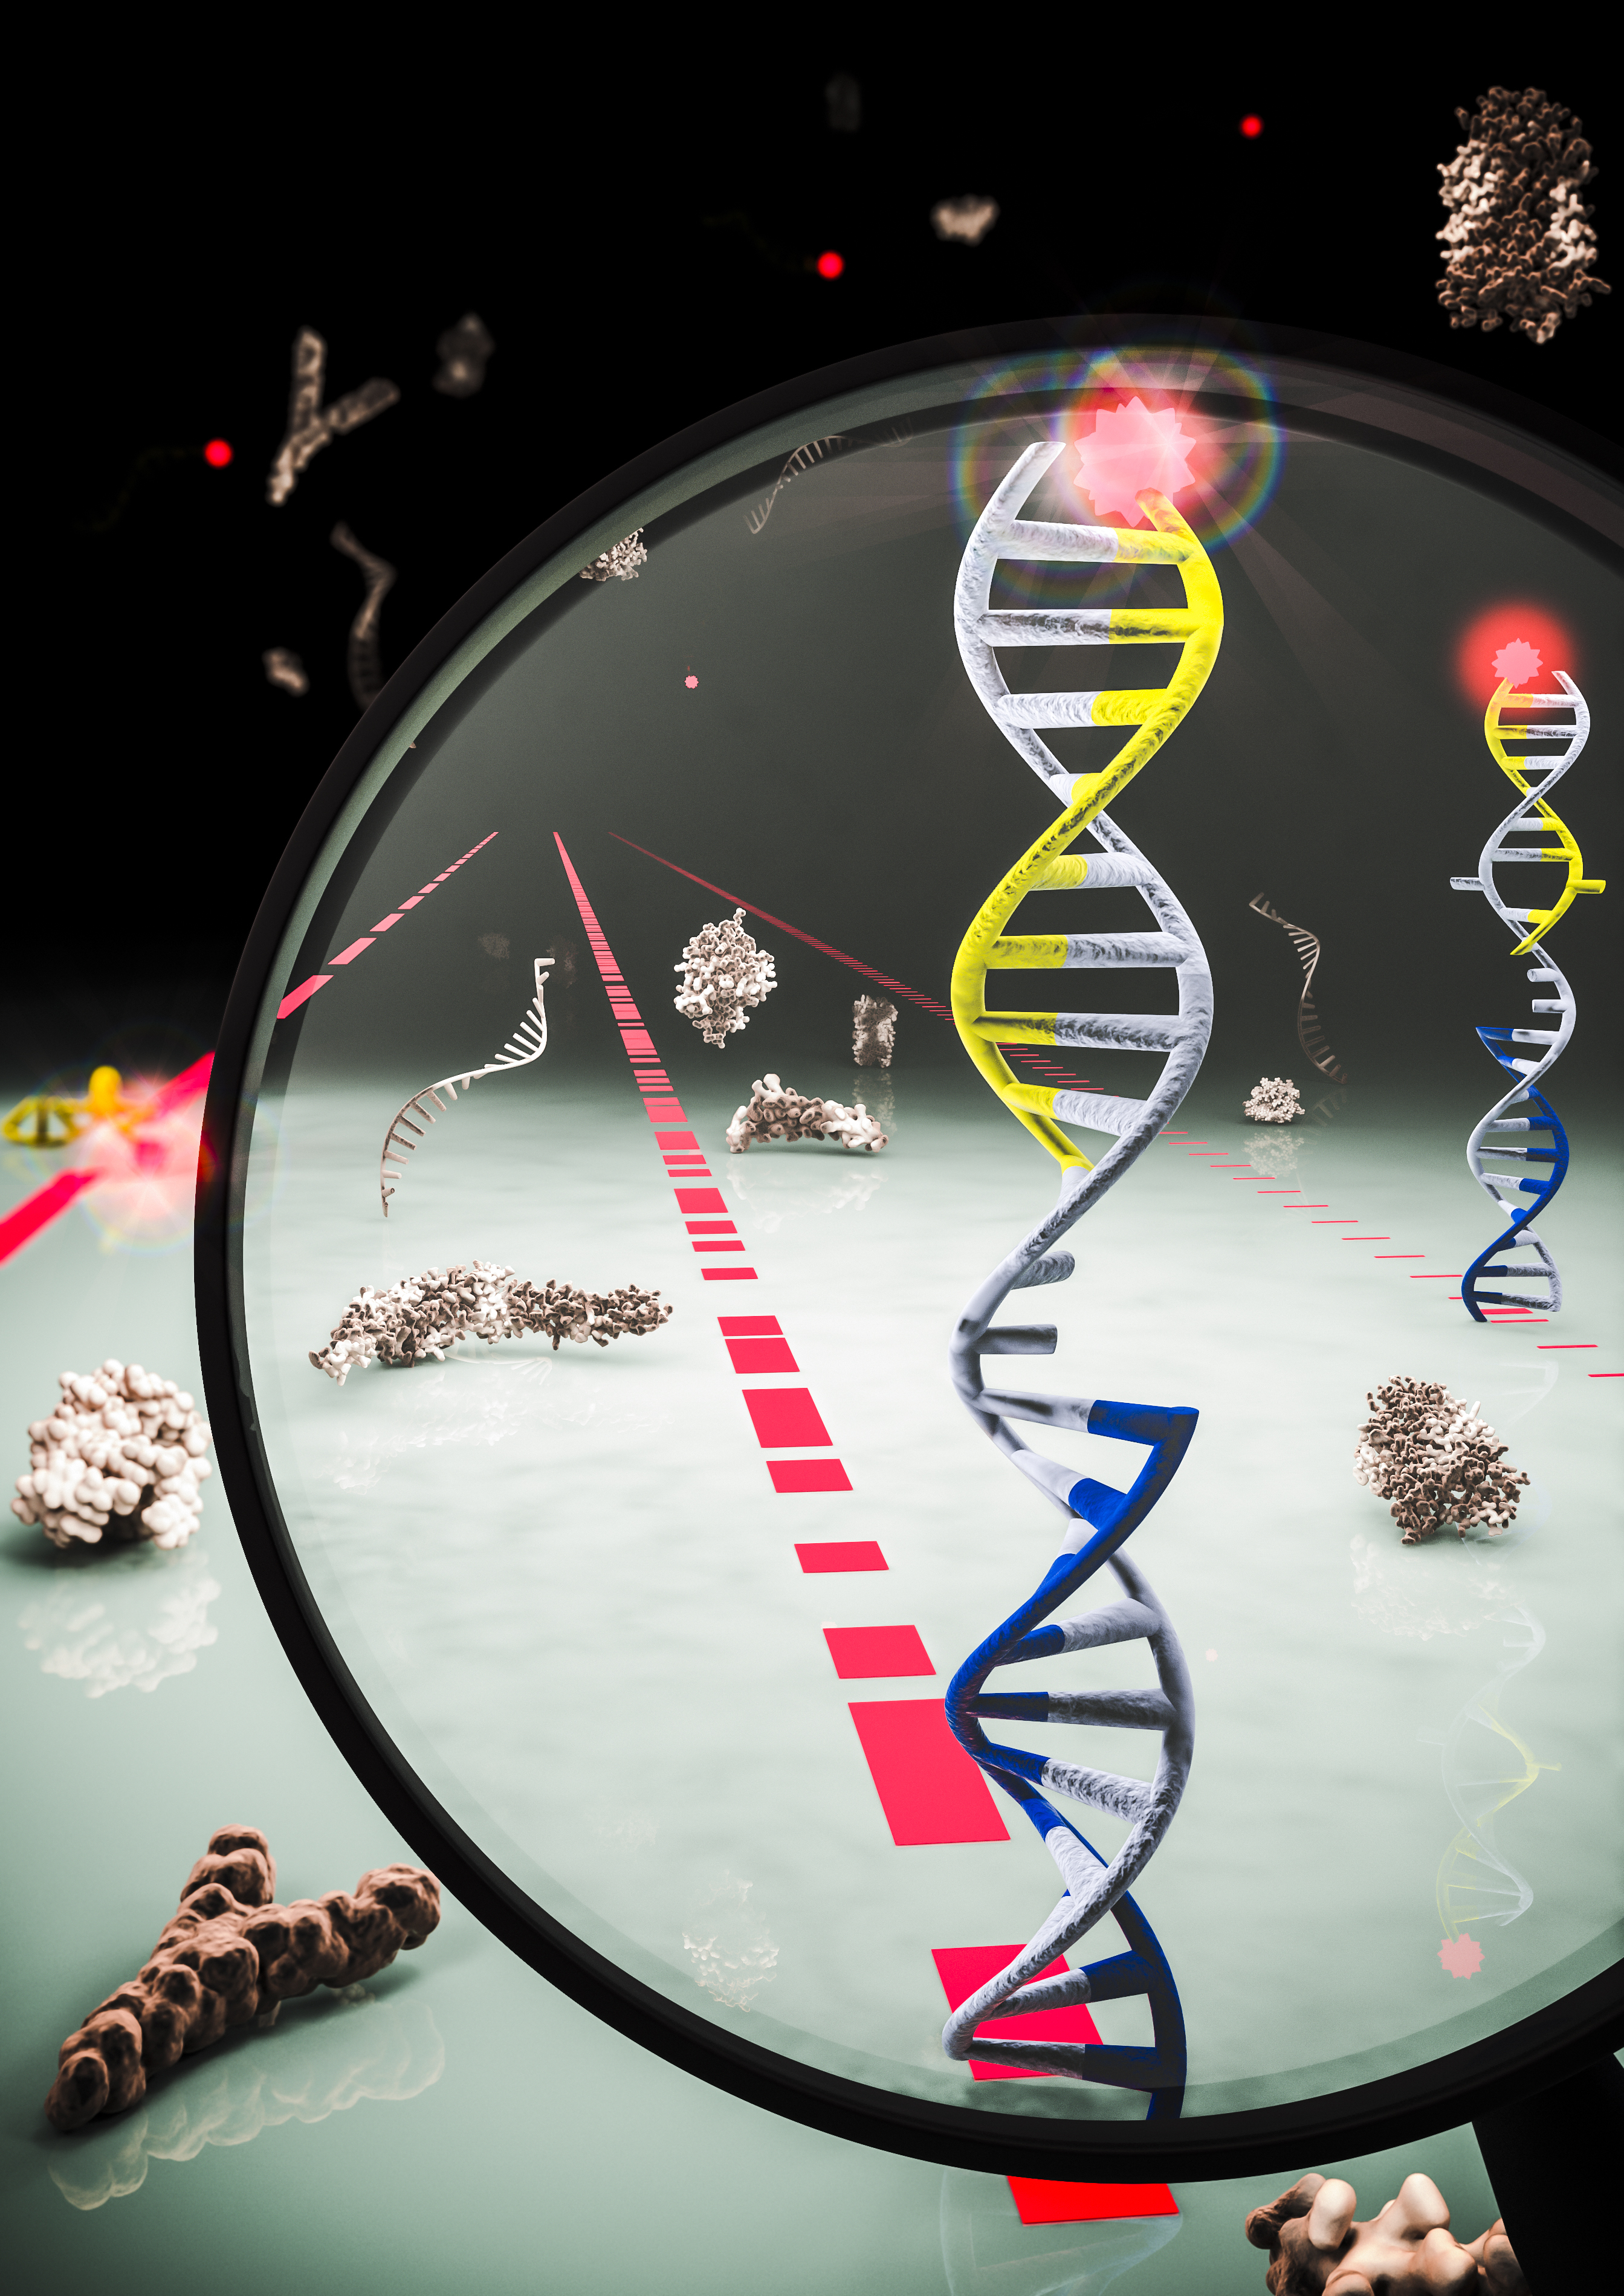 मिशिगन विश्वविद्यालय के शोधकर्ताओं ने उन्हें कुशलता से रक्त में आनुवांशिक जानकारी बुलाया microRNAs के टुकड़े की पहचान करने की अनुमति देता है कि एक तकनीक विकसित की है। अग्रिम एक तरह से करने के लिए एक दिन का नेतृत्व एक साधारण रक्त परीक्षण के साथ एक बार कैंसर के कई प्रकारों के लिए स्कैन करने के लिए कर सकता है। इस उदाहरण में, लाल, नीले और काले रंग की किस्में, नई तकनीक में, देते हैं और छवि में ग्रे है जो डीएनए, करने के लिए अलग अलग है कि microRNAs प्रतिनिधित्व करते हैं। एक शाही सेना देता है और पलक की विशेष पैटर्न माइक्रो RNA जुड़ी है, जो शोधकर्ताओं बताता है जब डीएनए फ्लोरोसेंट चमकता है। छवि क्रेडिट: MolGraphics